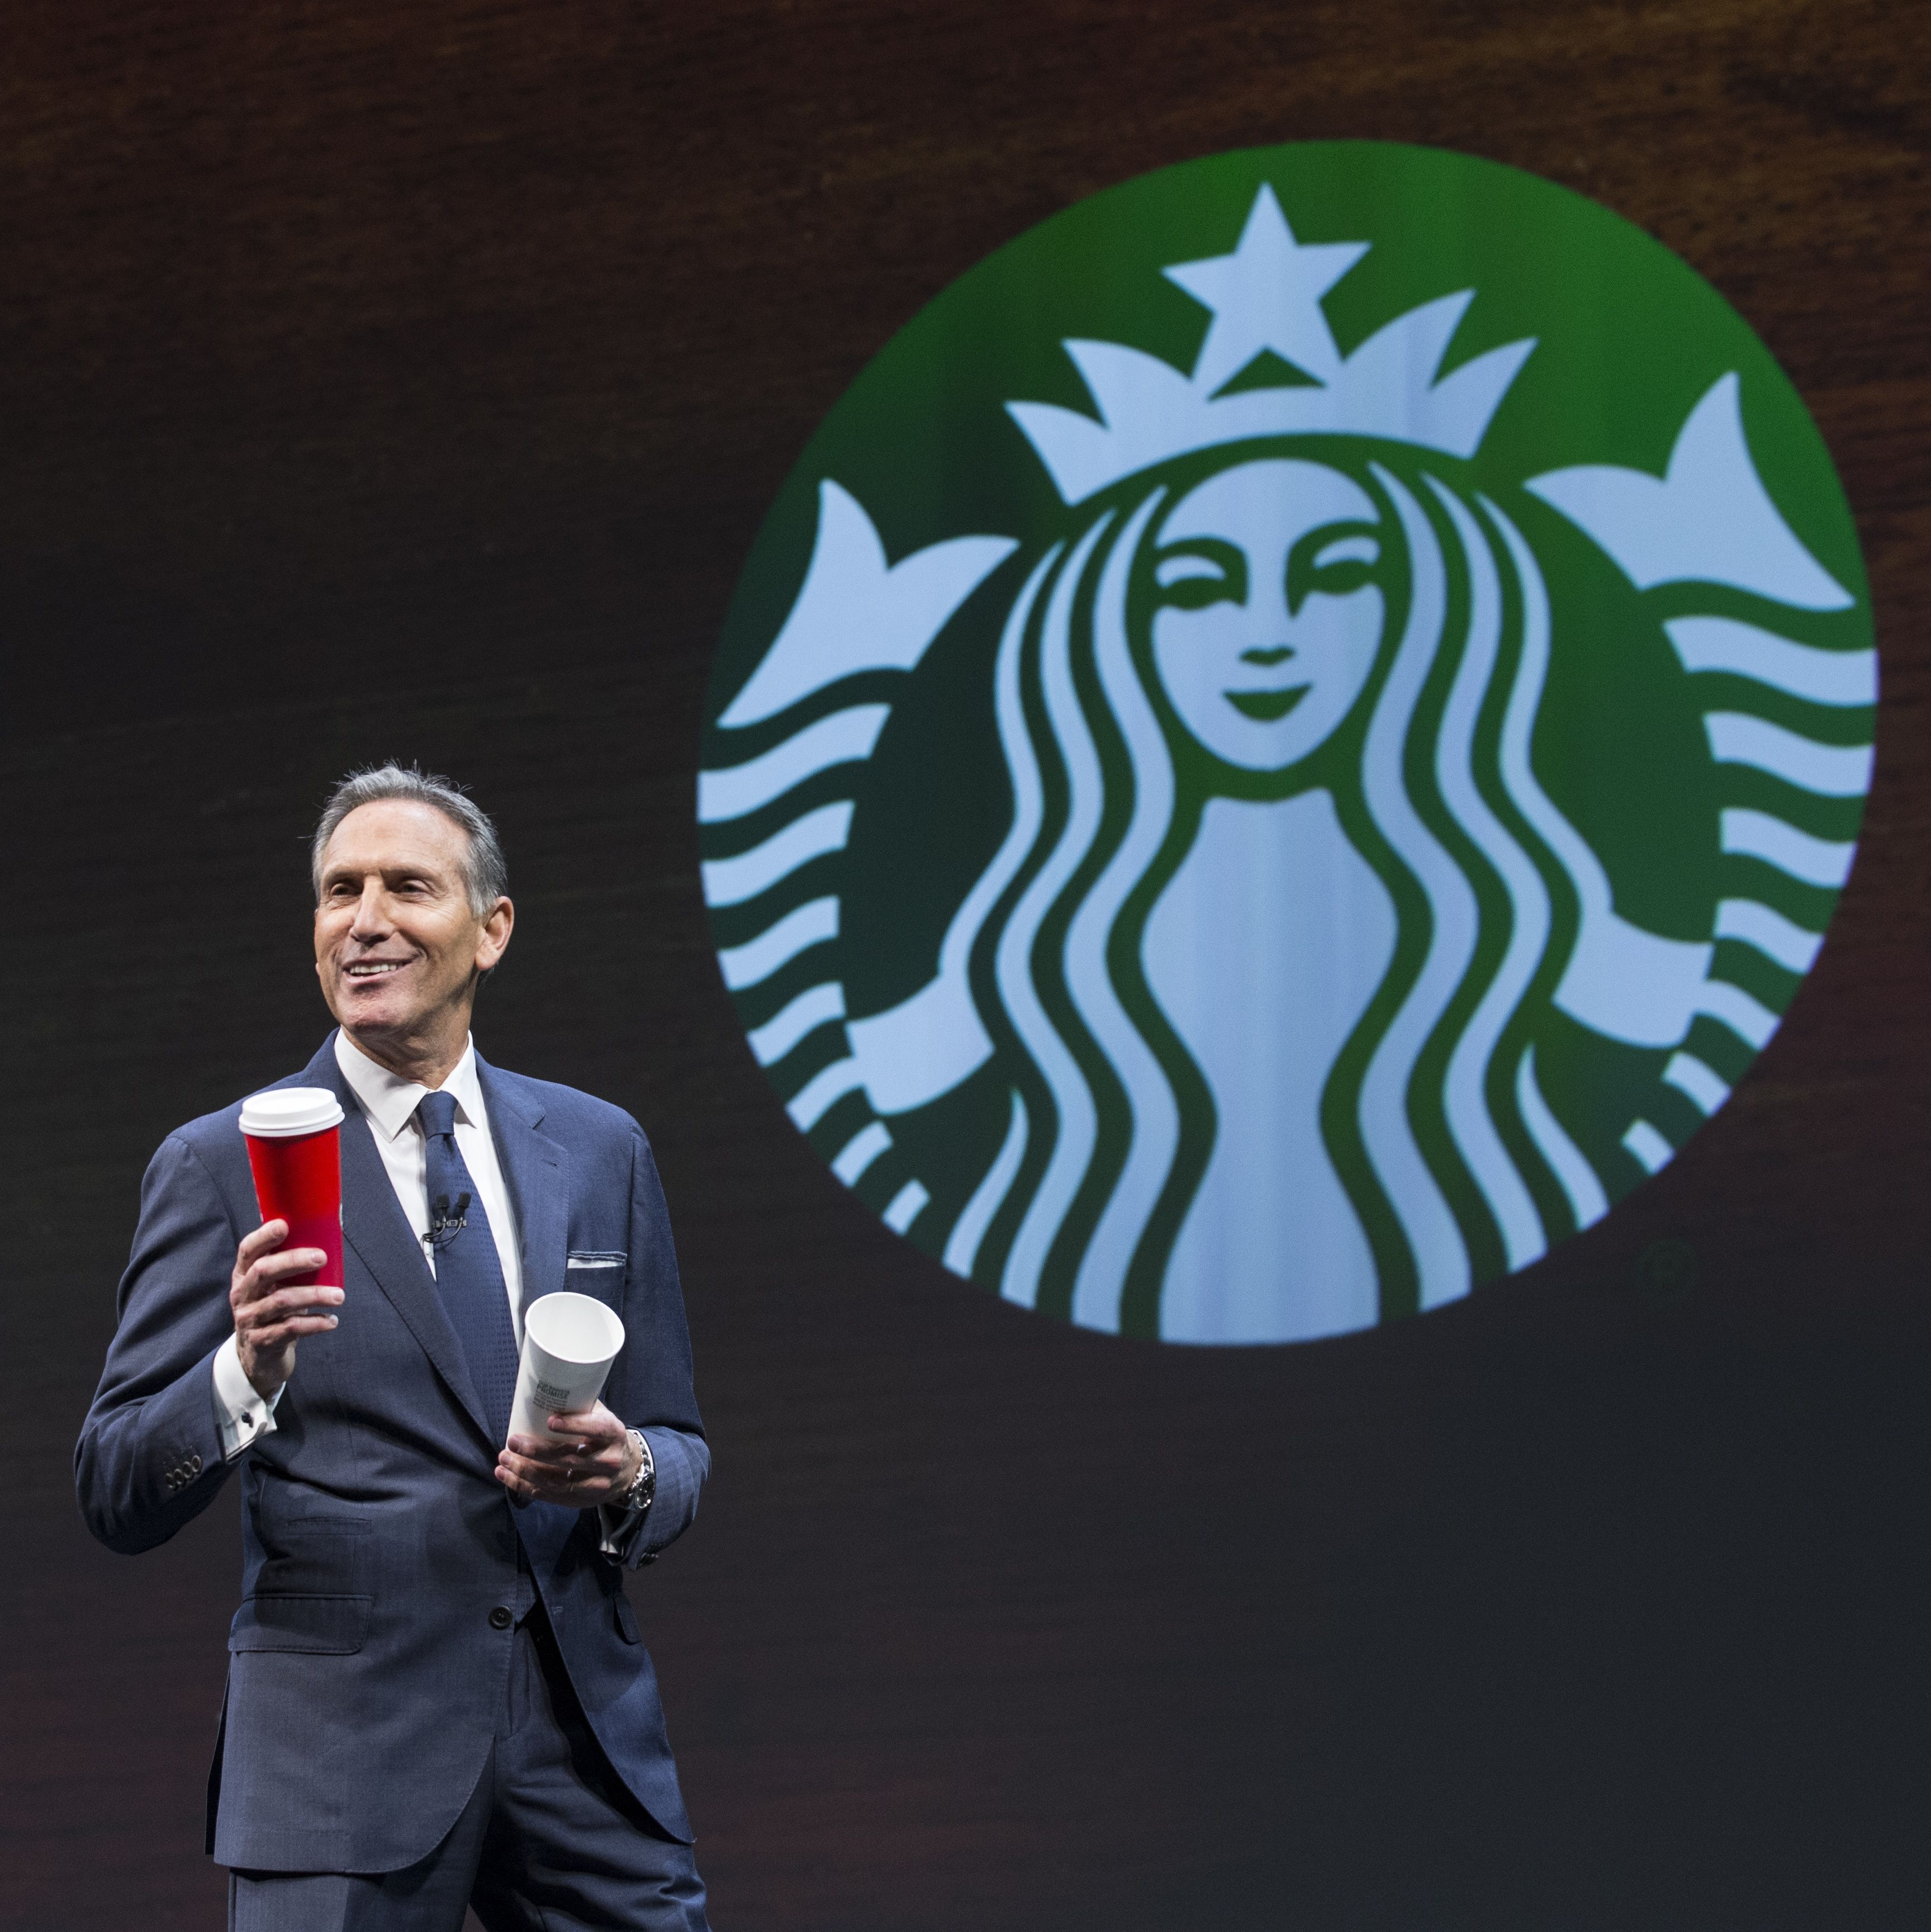 Story Of Starbucks Founder In